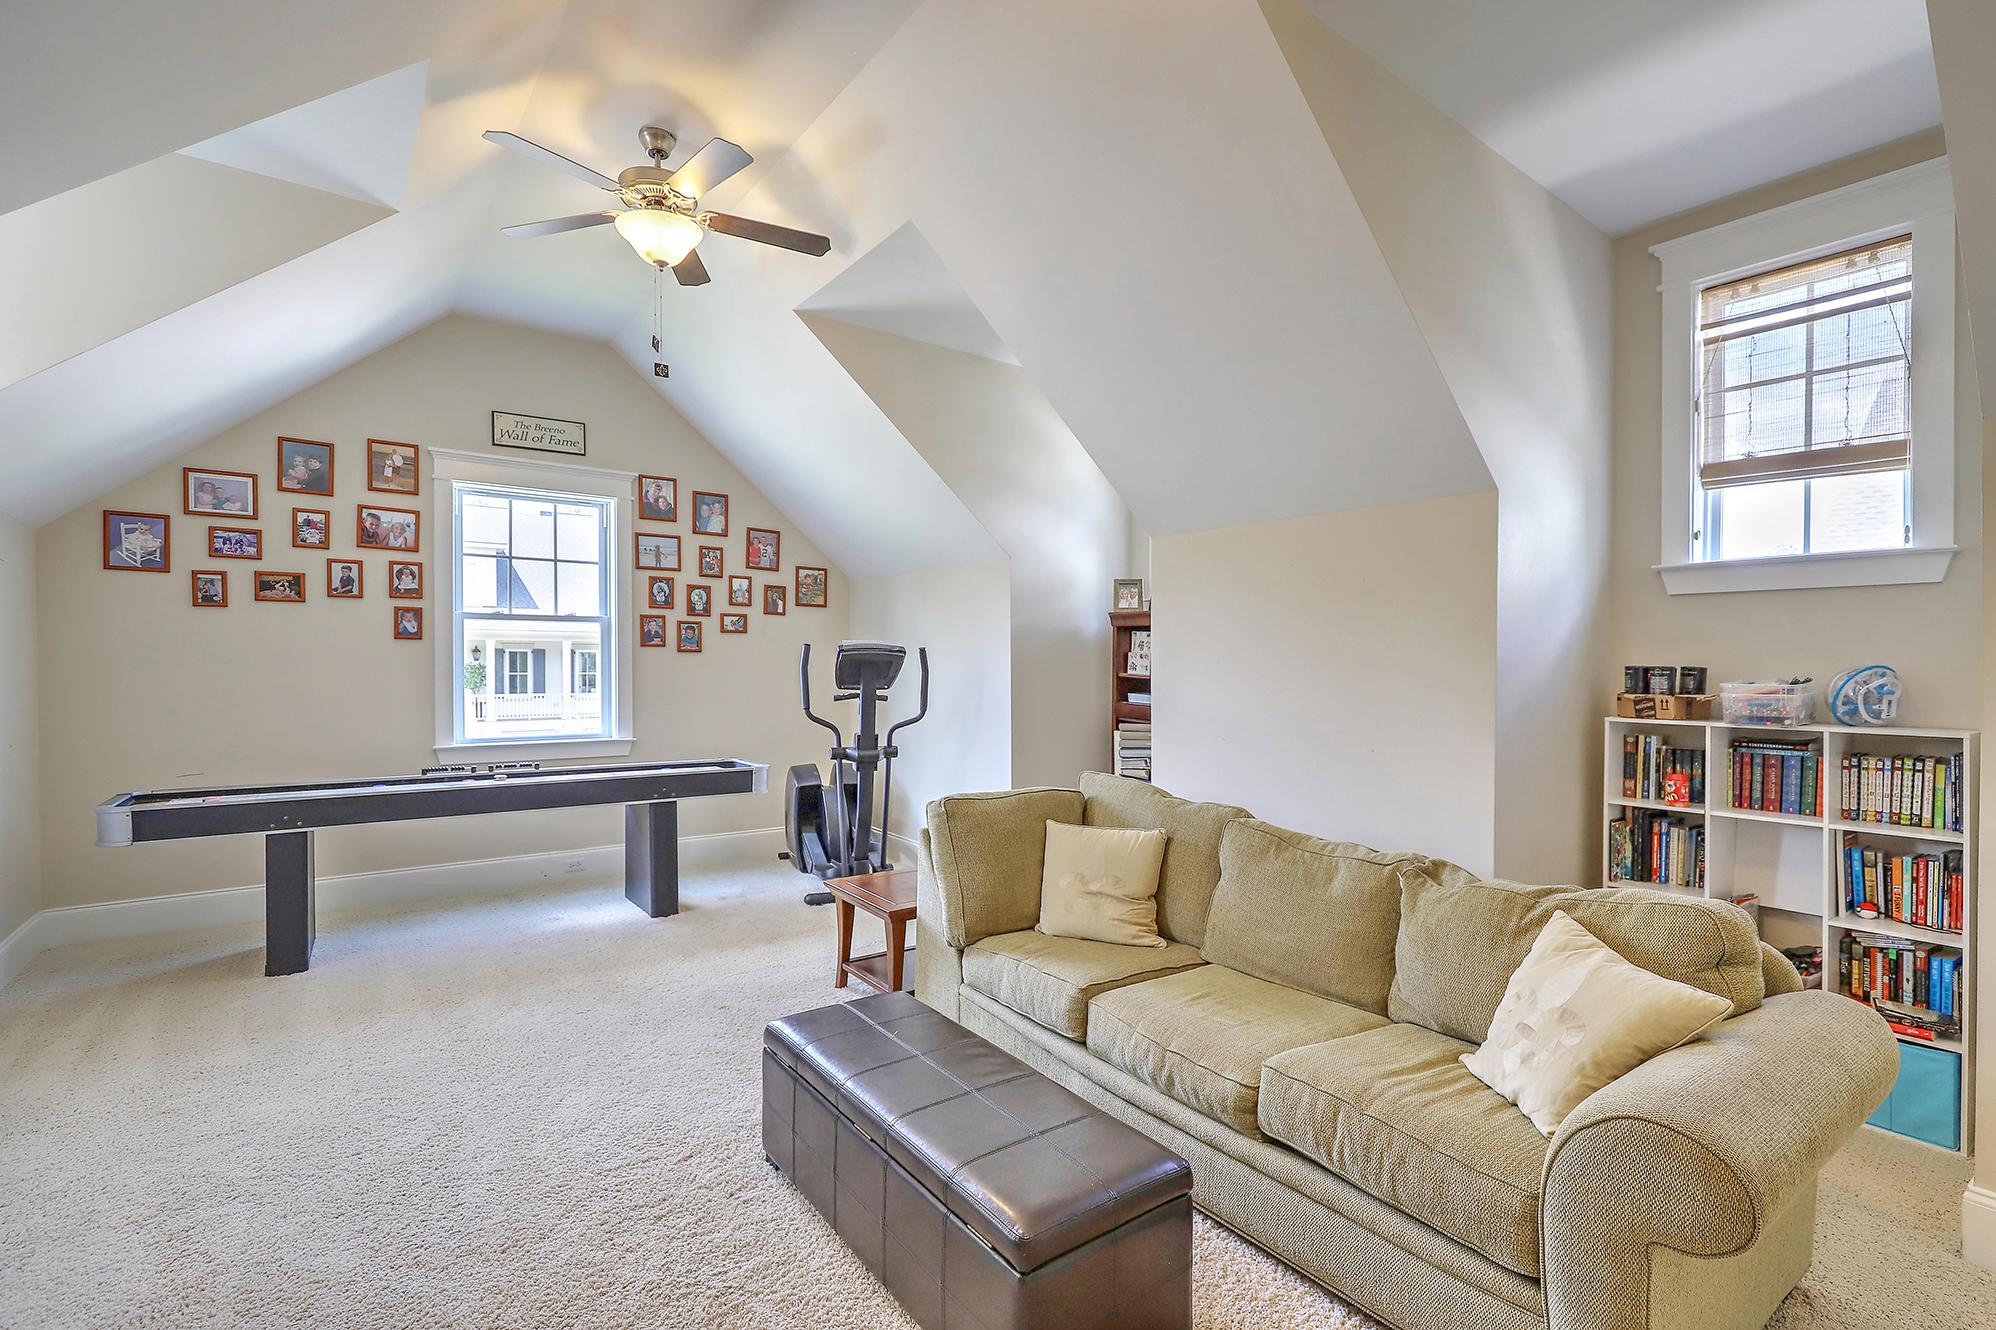 Park West Homes For Sale - 1516 Capel, Mount Pleasant, SC - 6